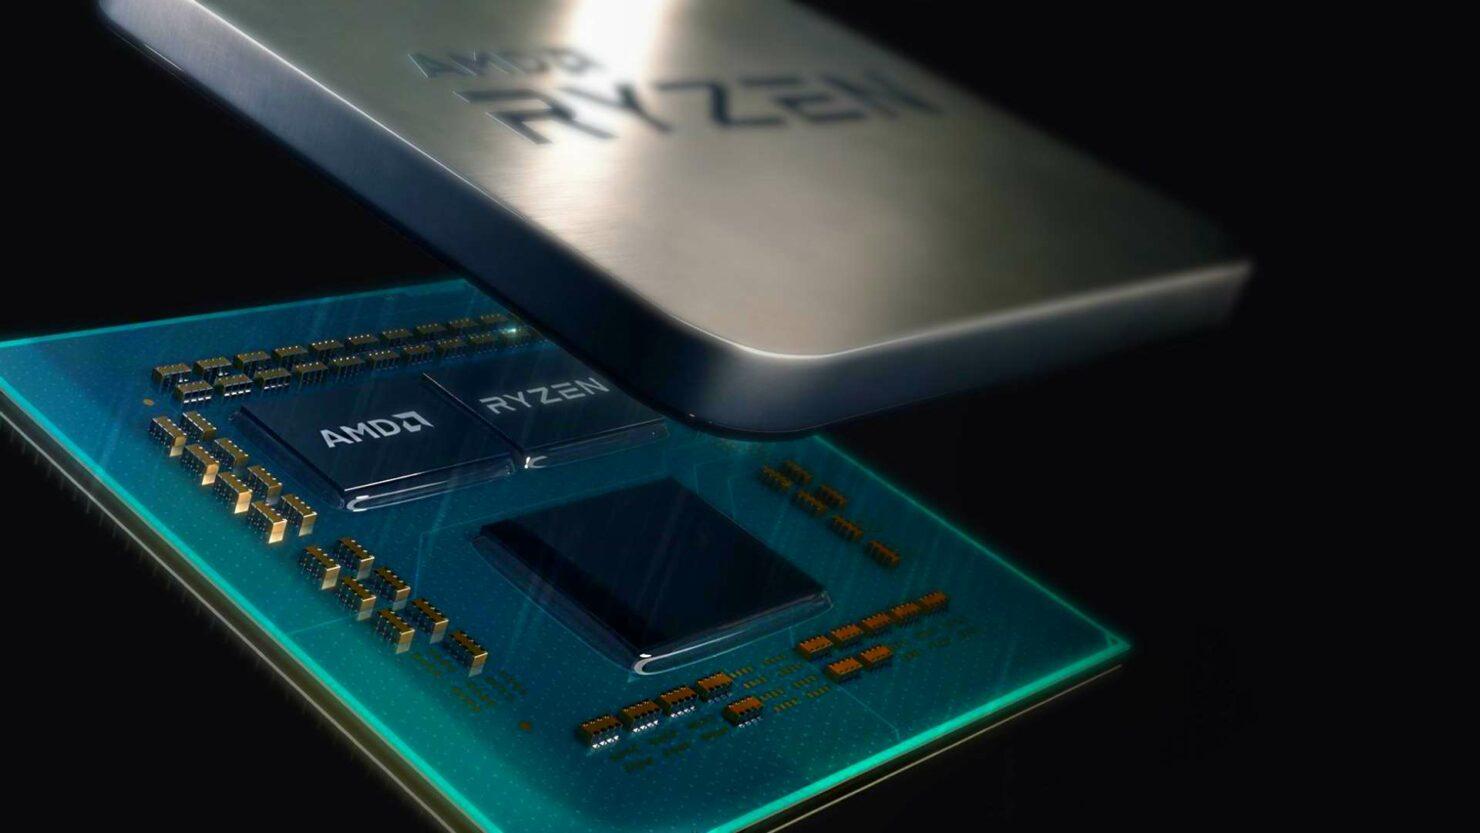 AMD Ryzen 5 3600 6 Core 7nm Zen 2 CPU Benchmarks Leak